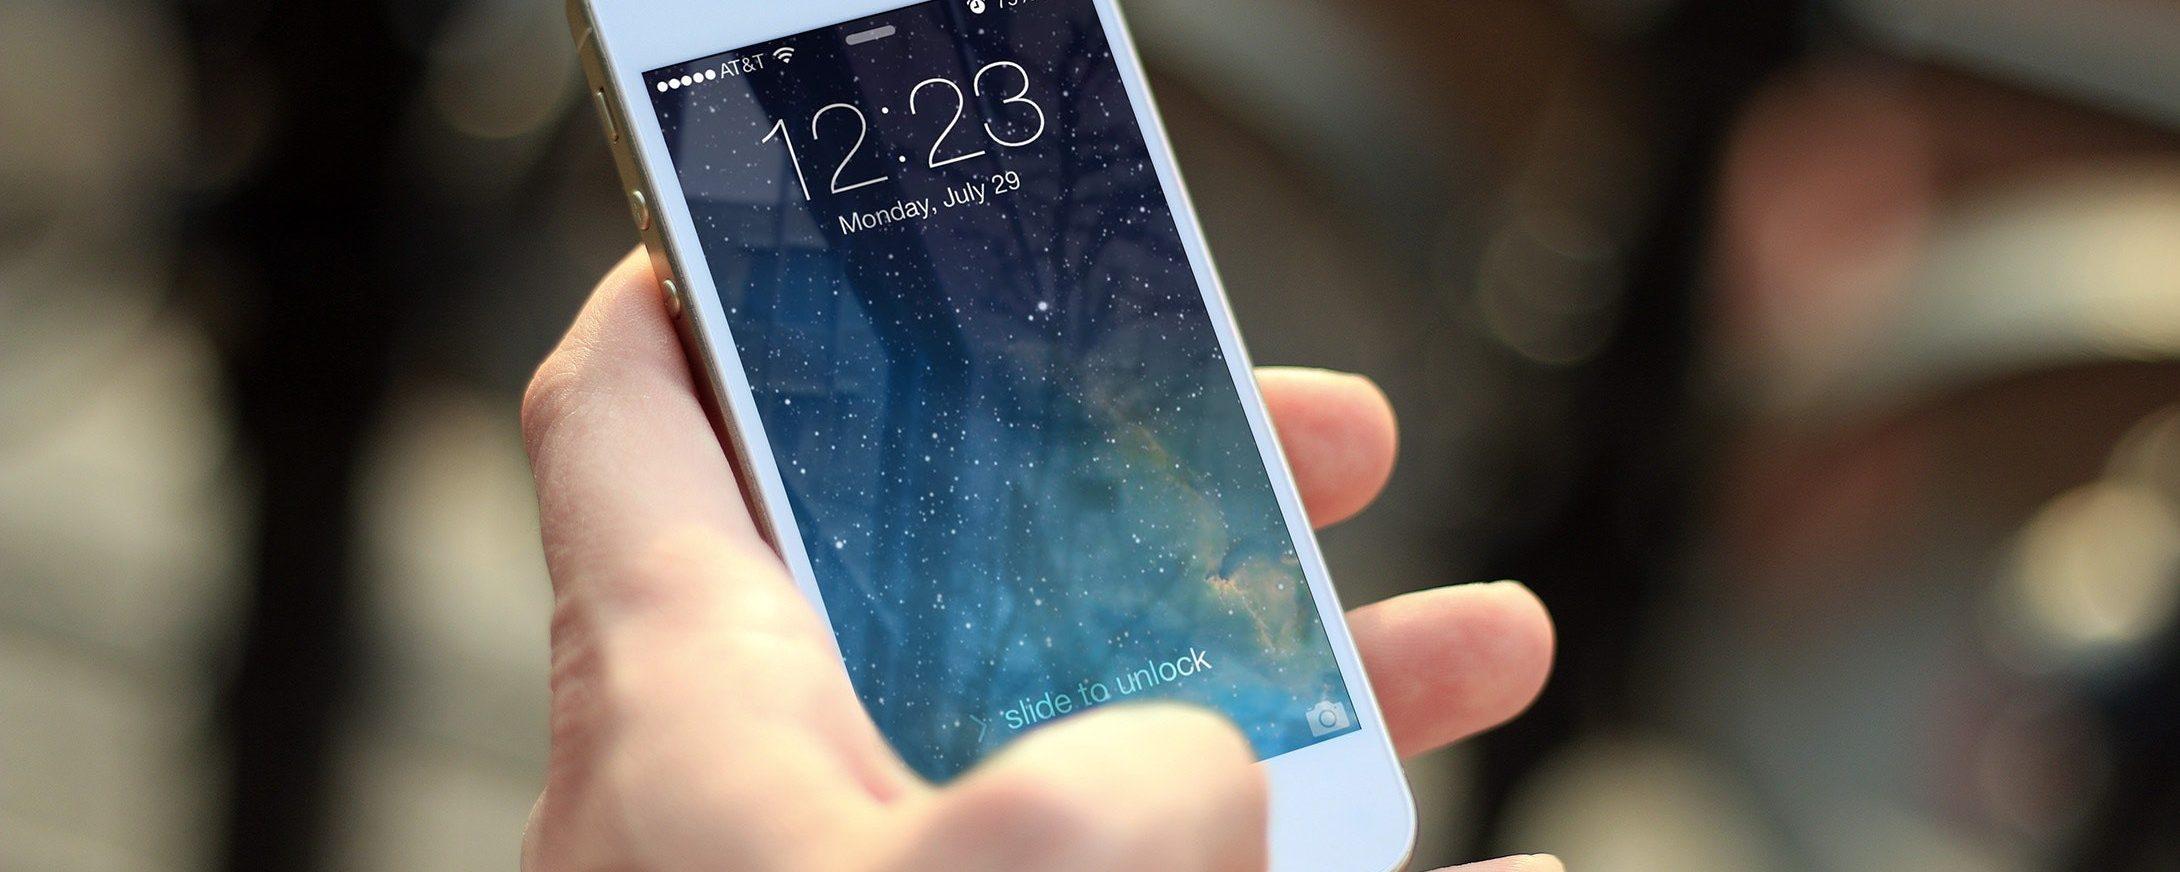 Smartphone sotto inchiesta: Samsung e Apple accusate dall'antitrust